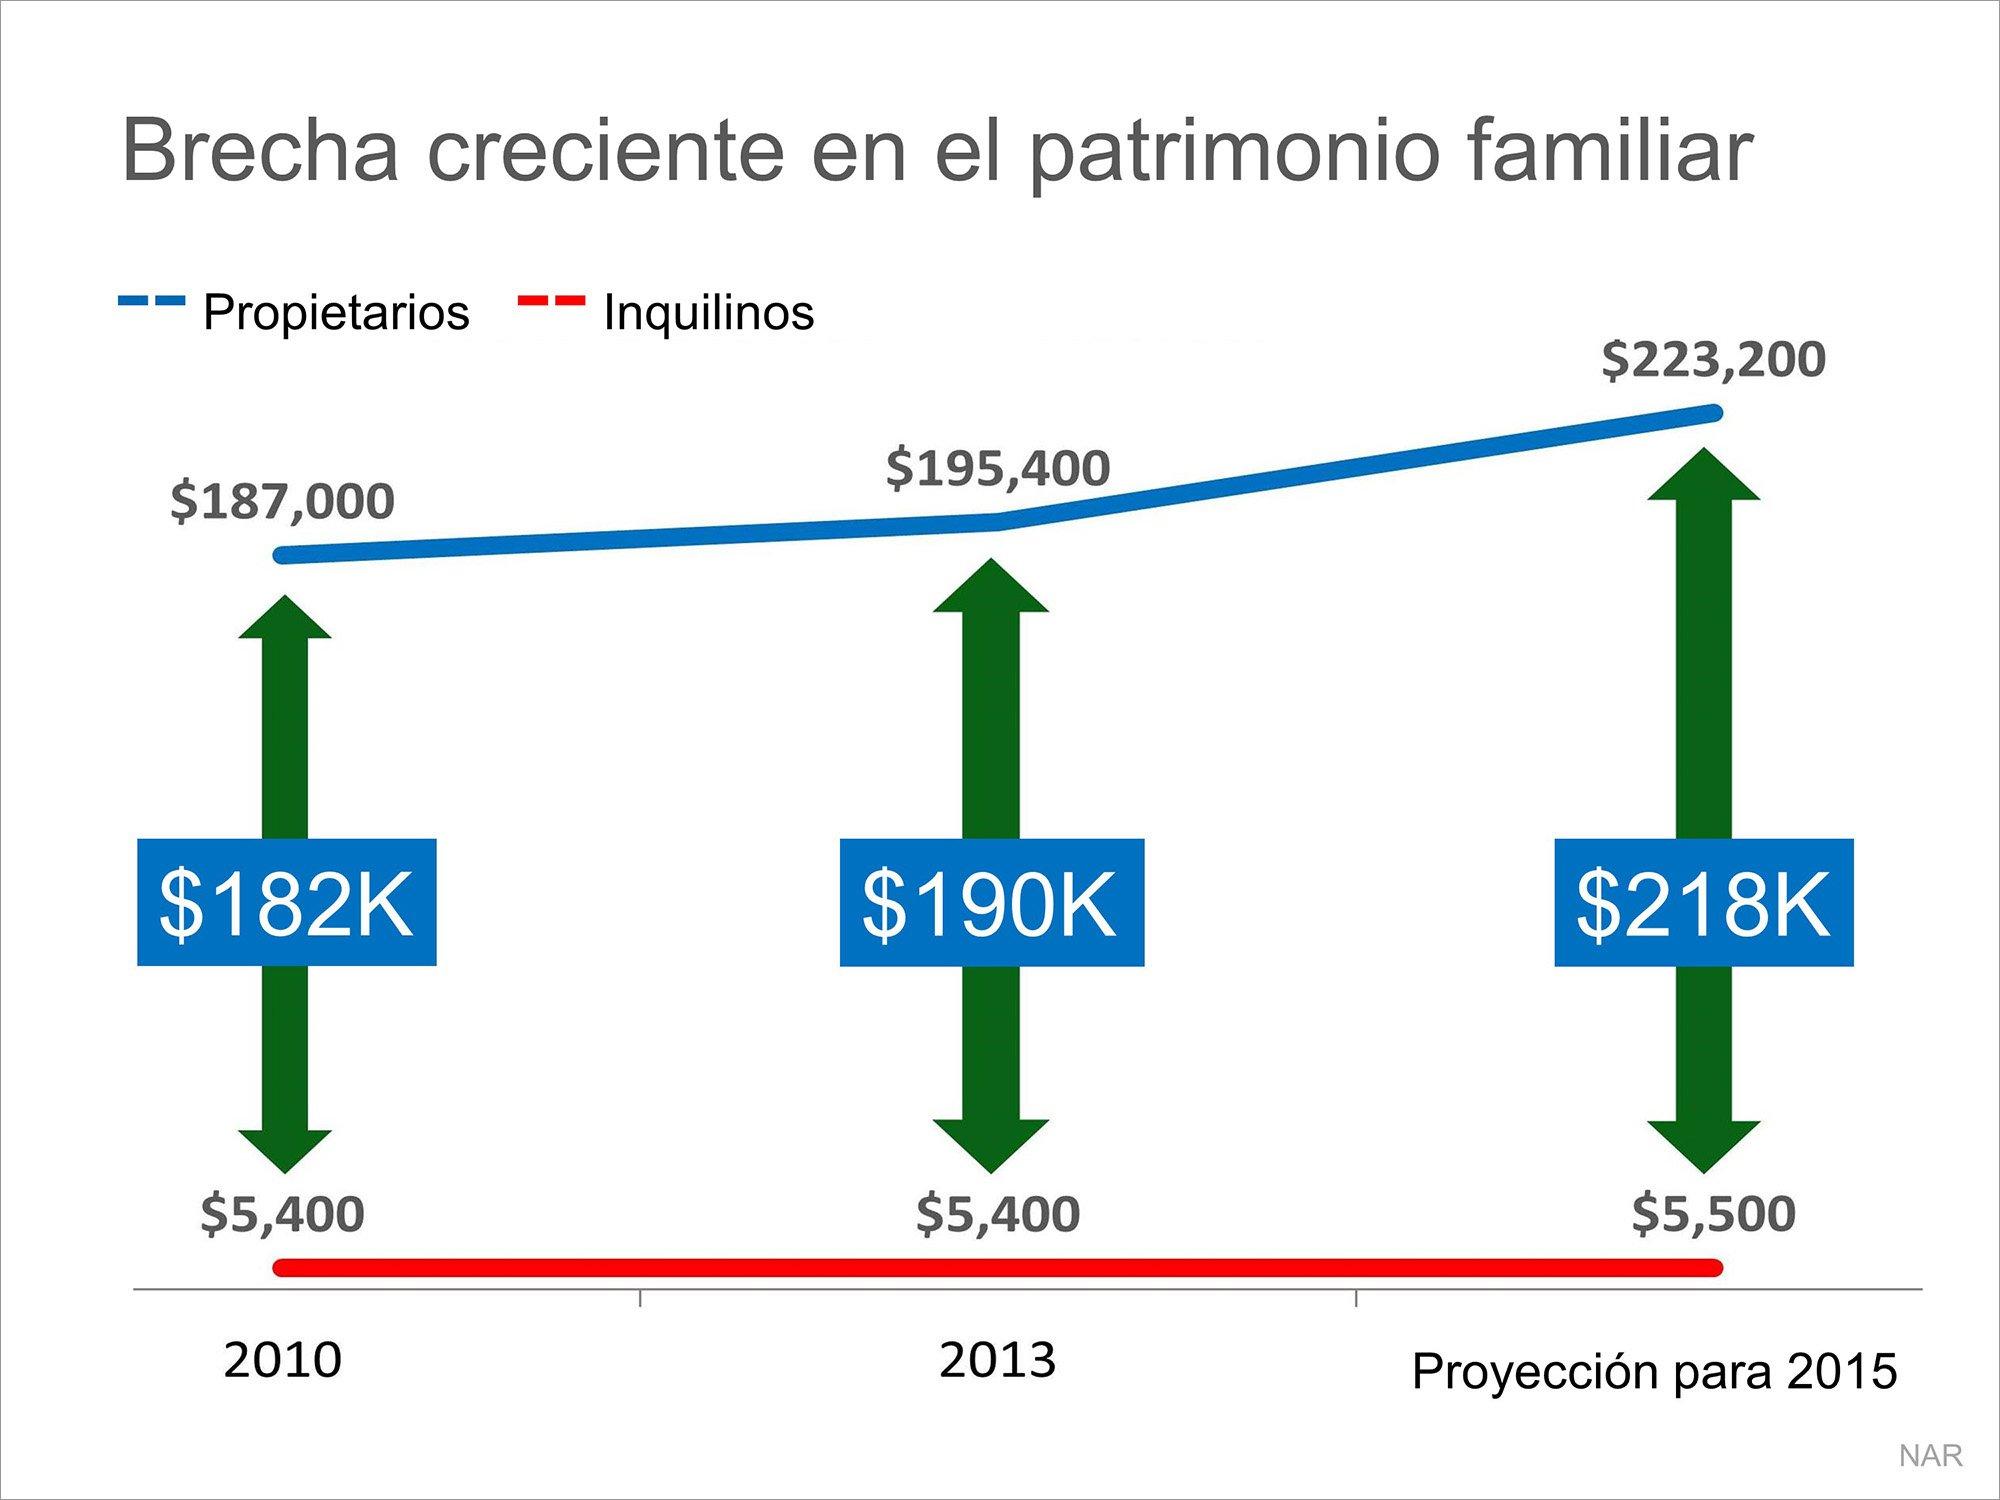 Brecha creciente del patrimonio familiar   Simplifying The Market